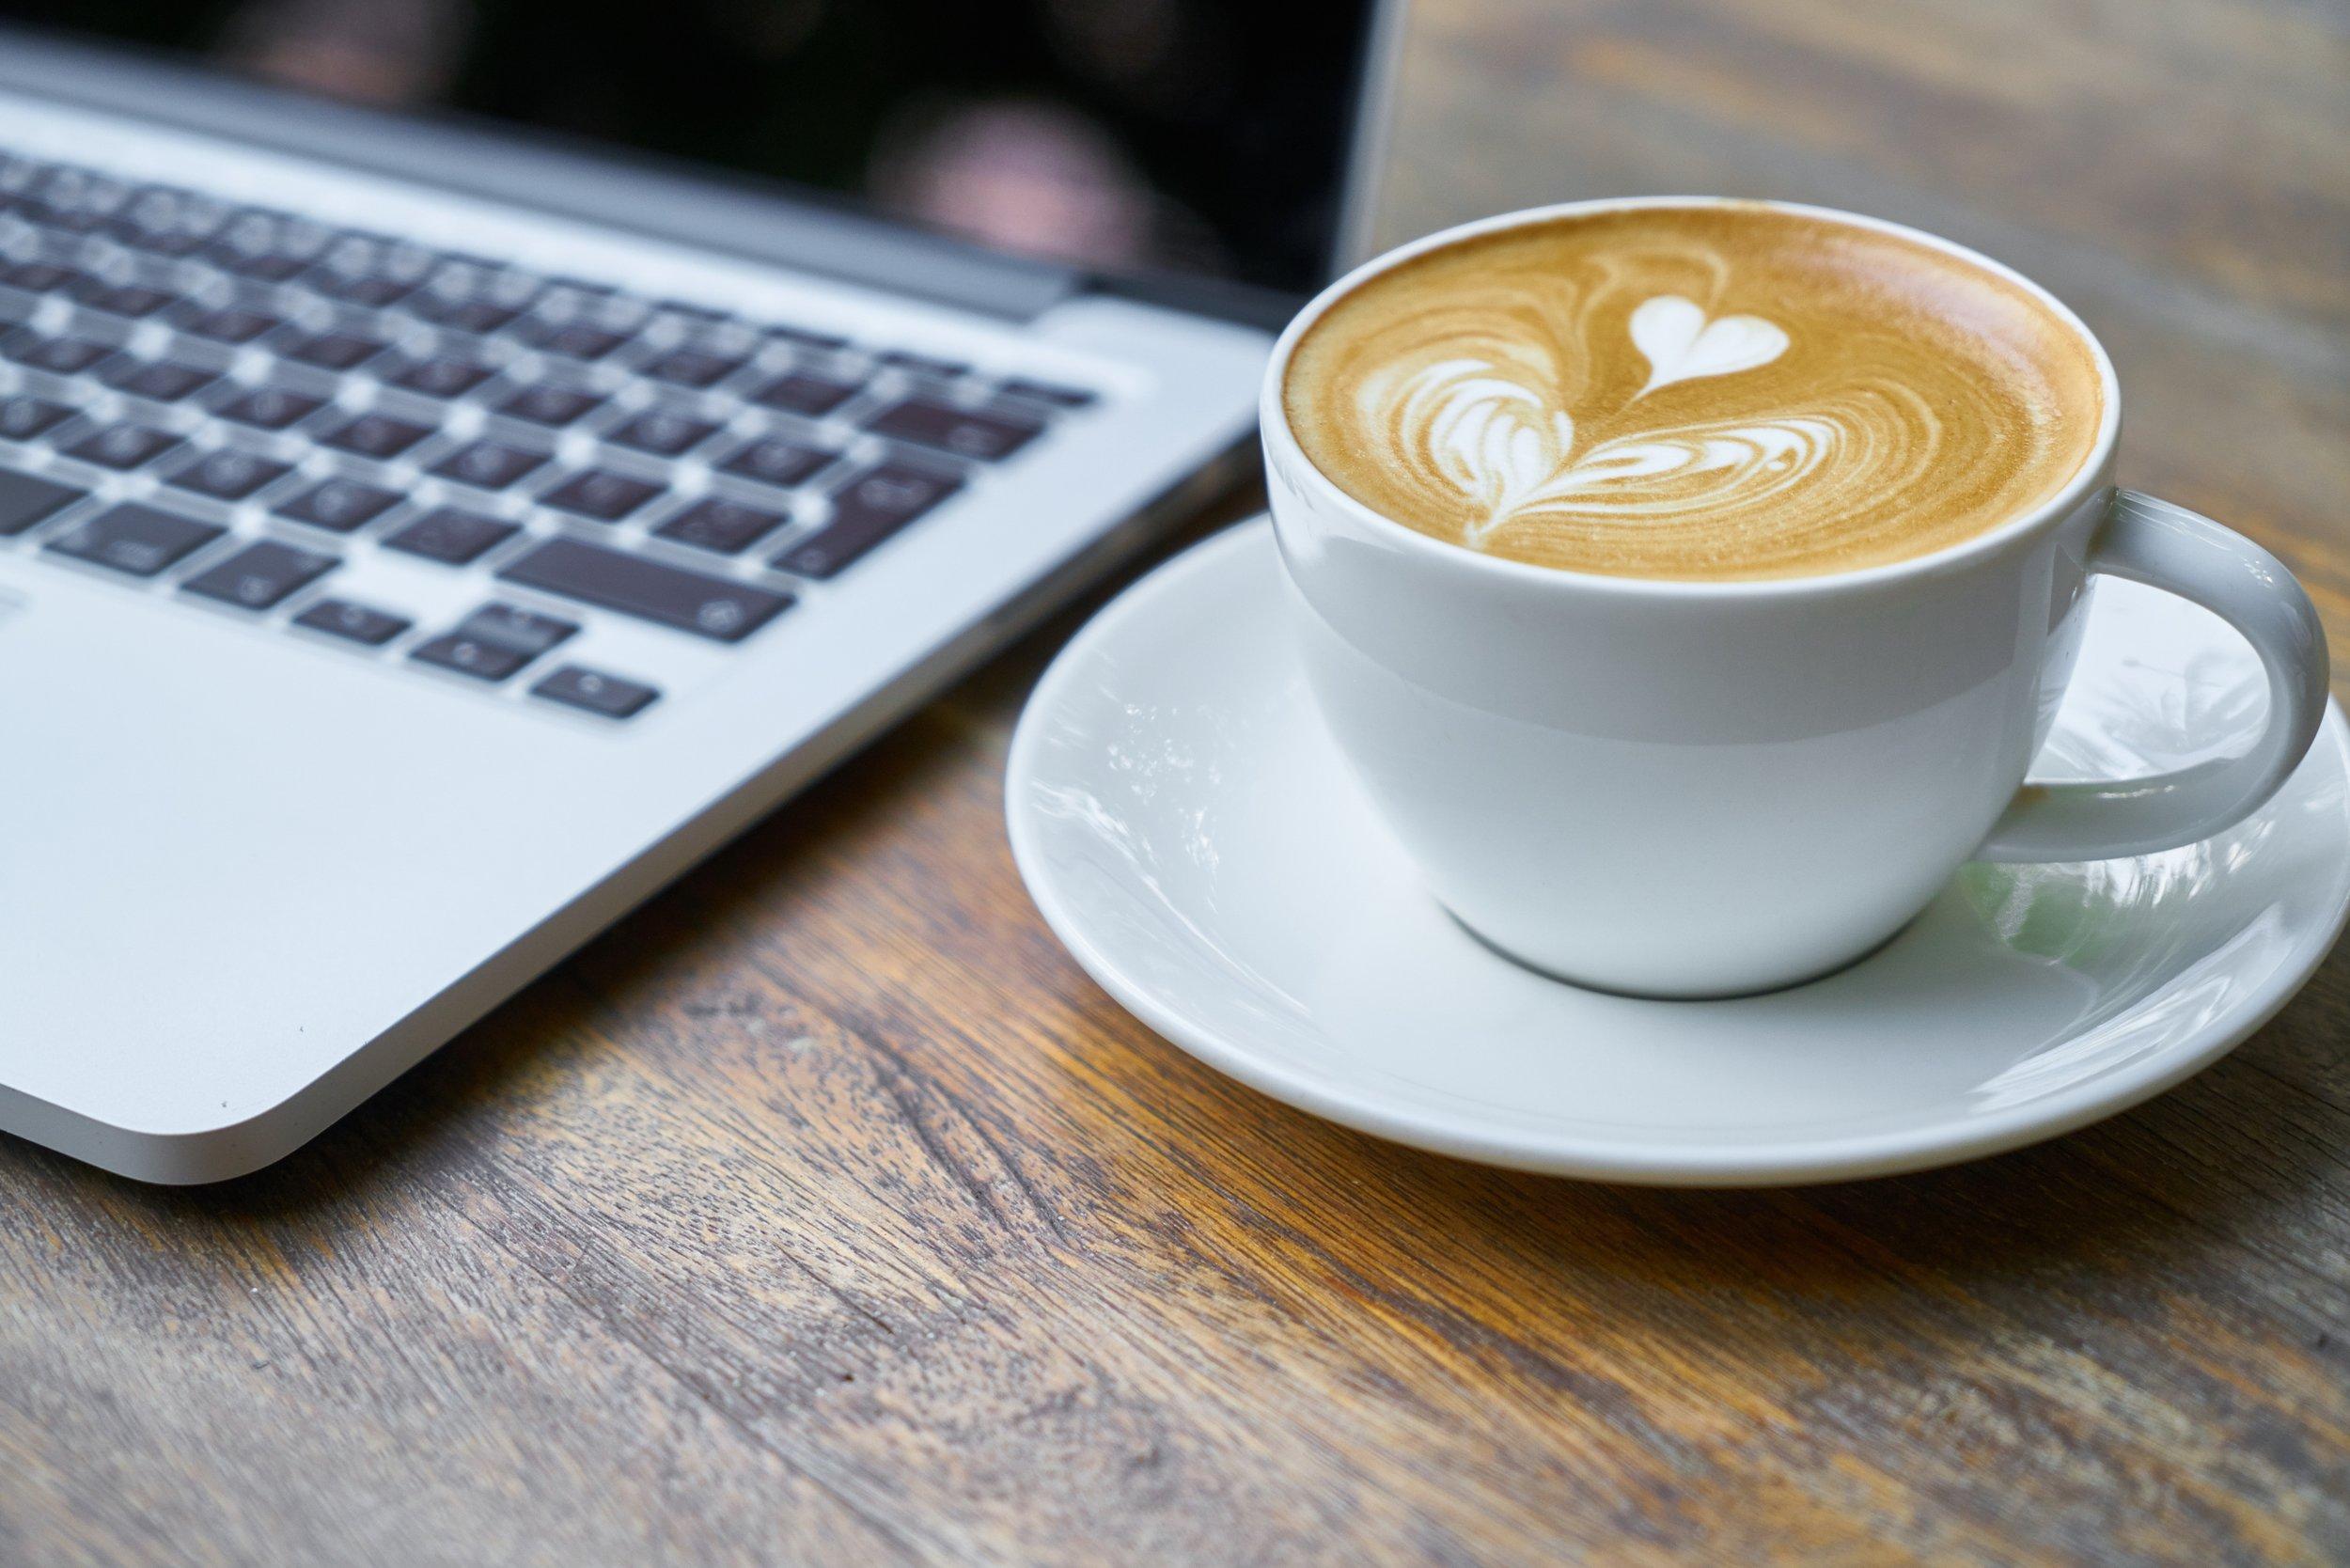 beverage-break-breakfast-414630.jpg